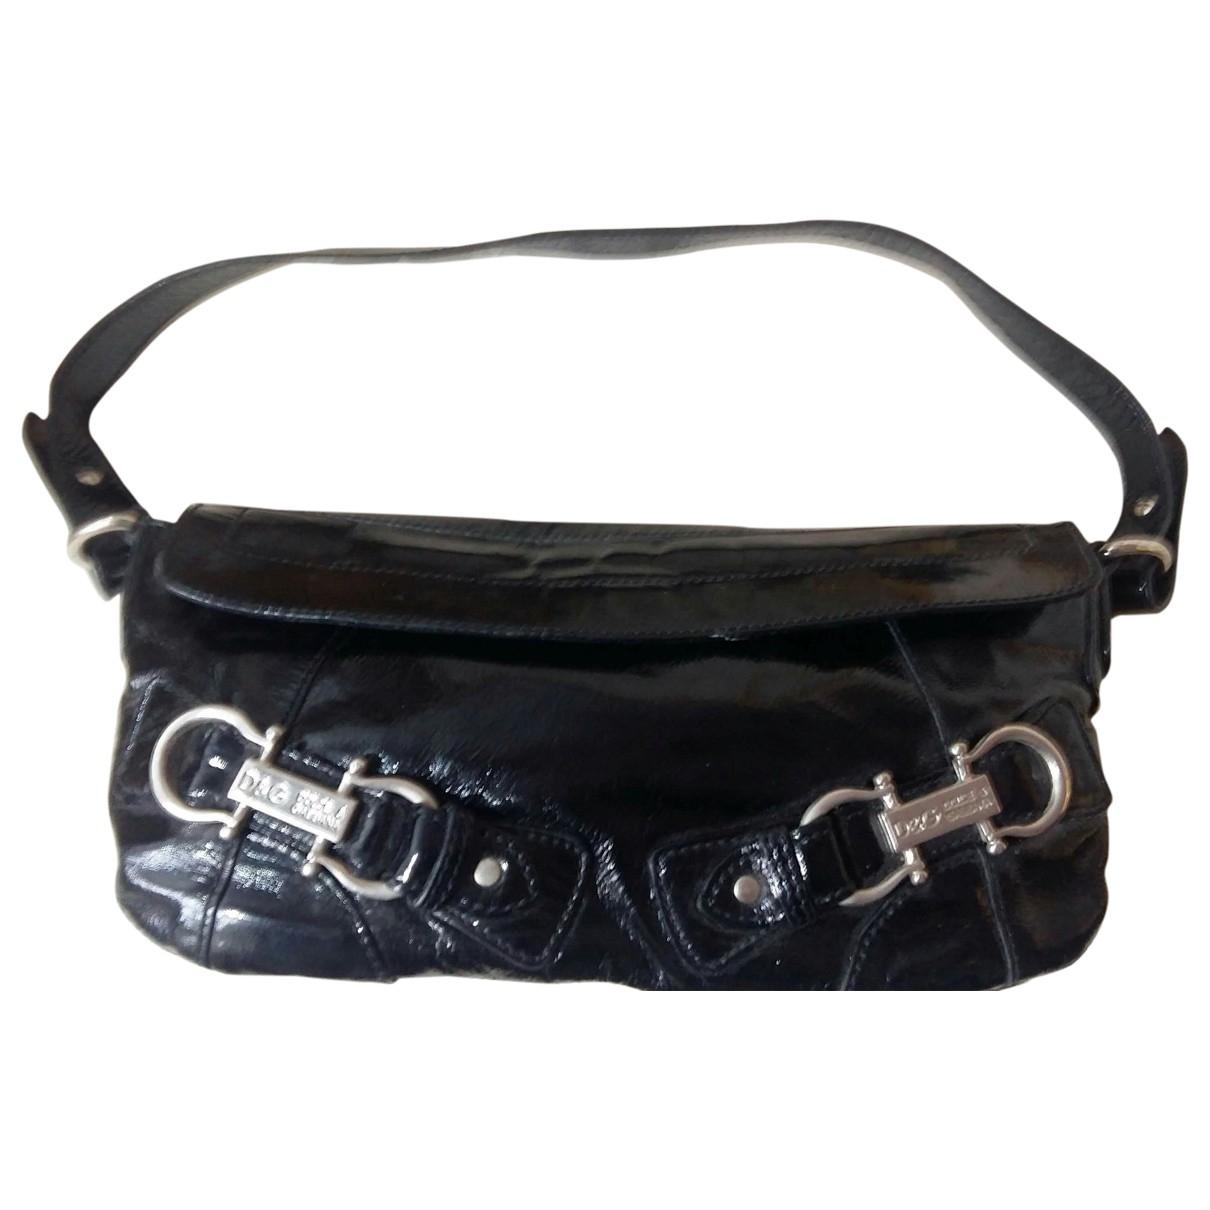 D&g \N Black Patent leather handbag for Women \N